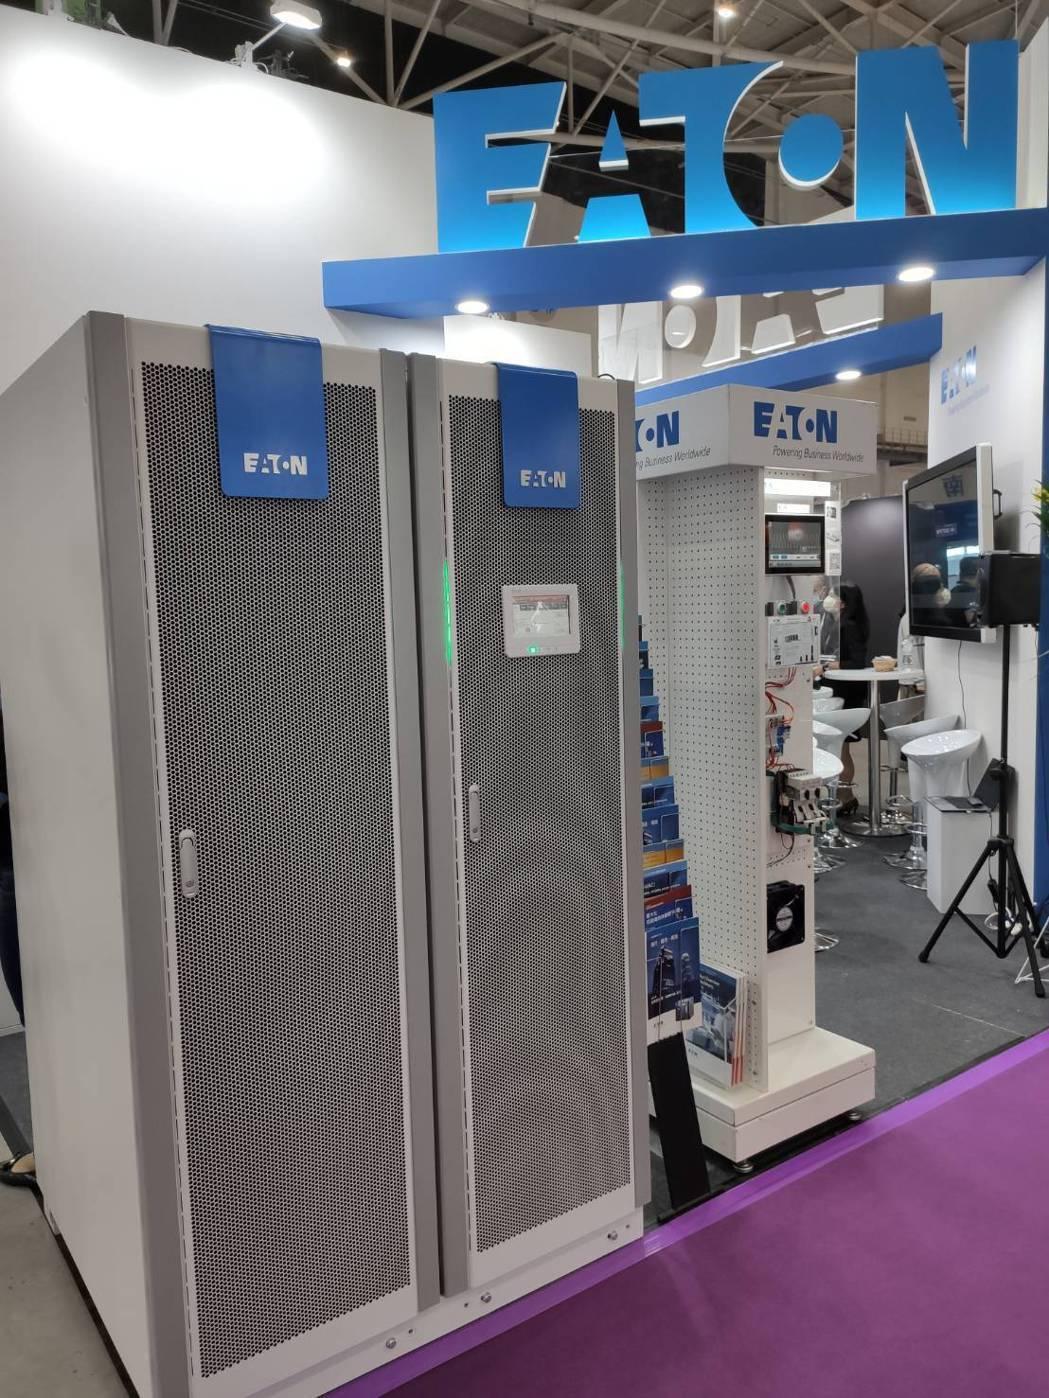 伊頓新世代模組化不斷電系統93PR 600K,高功率密度與高效率設計,協助中大型...